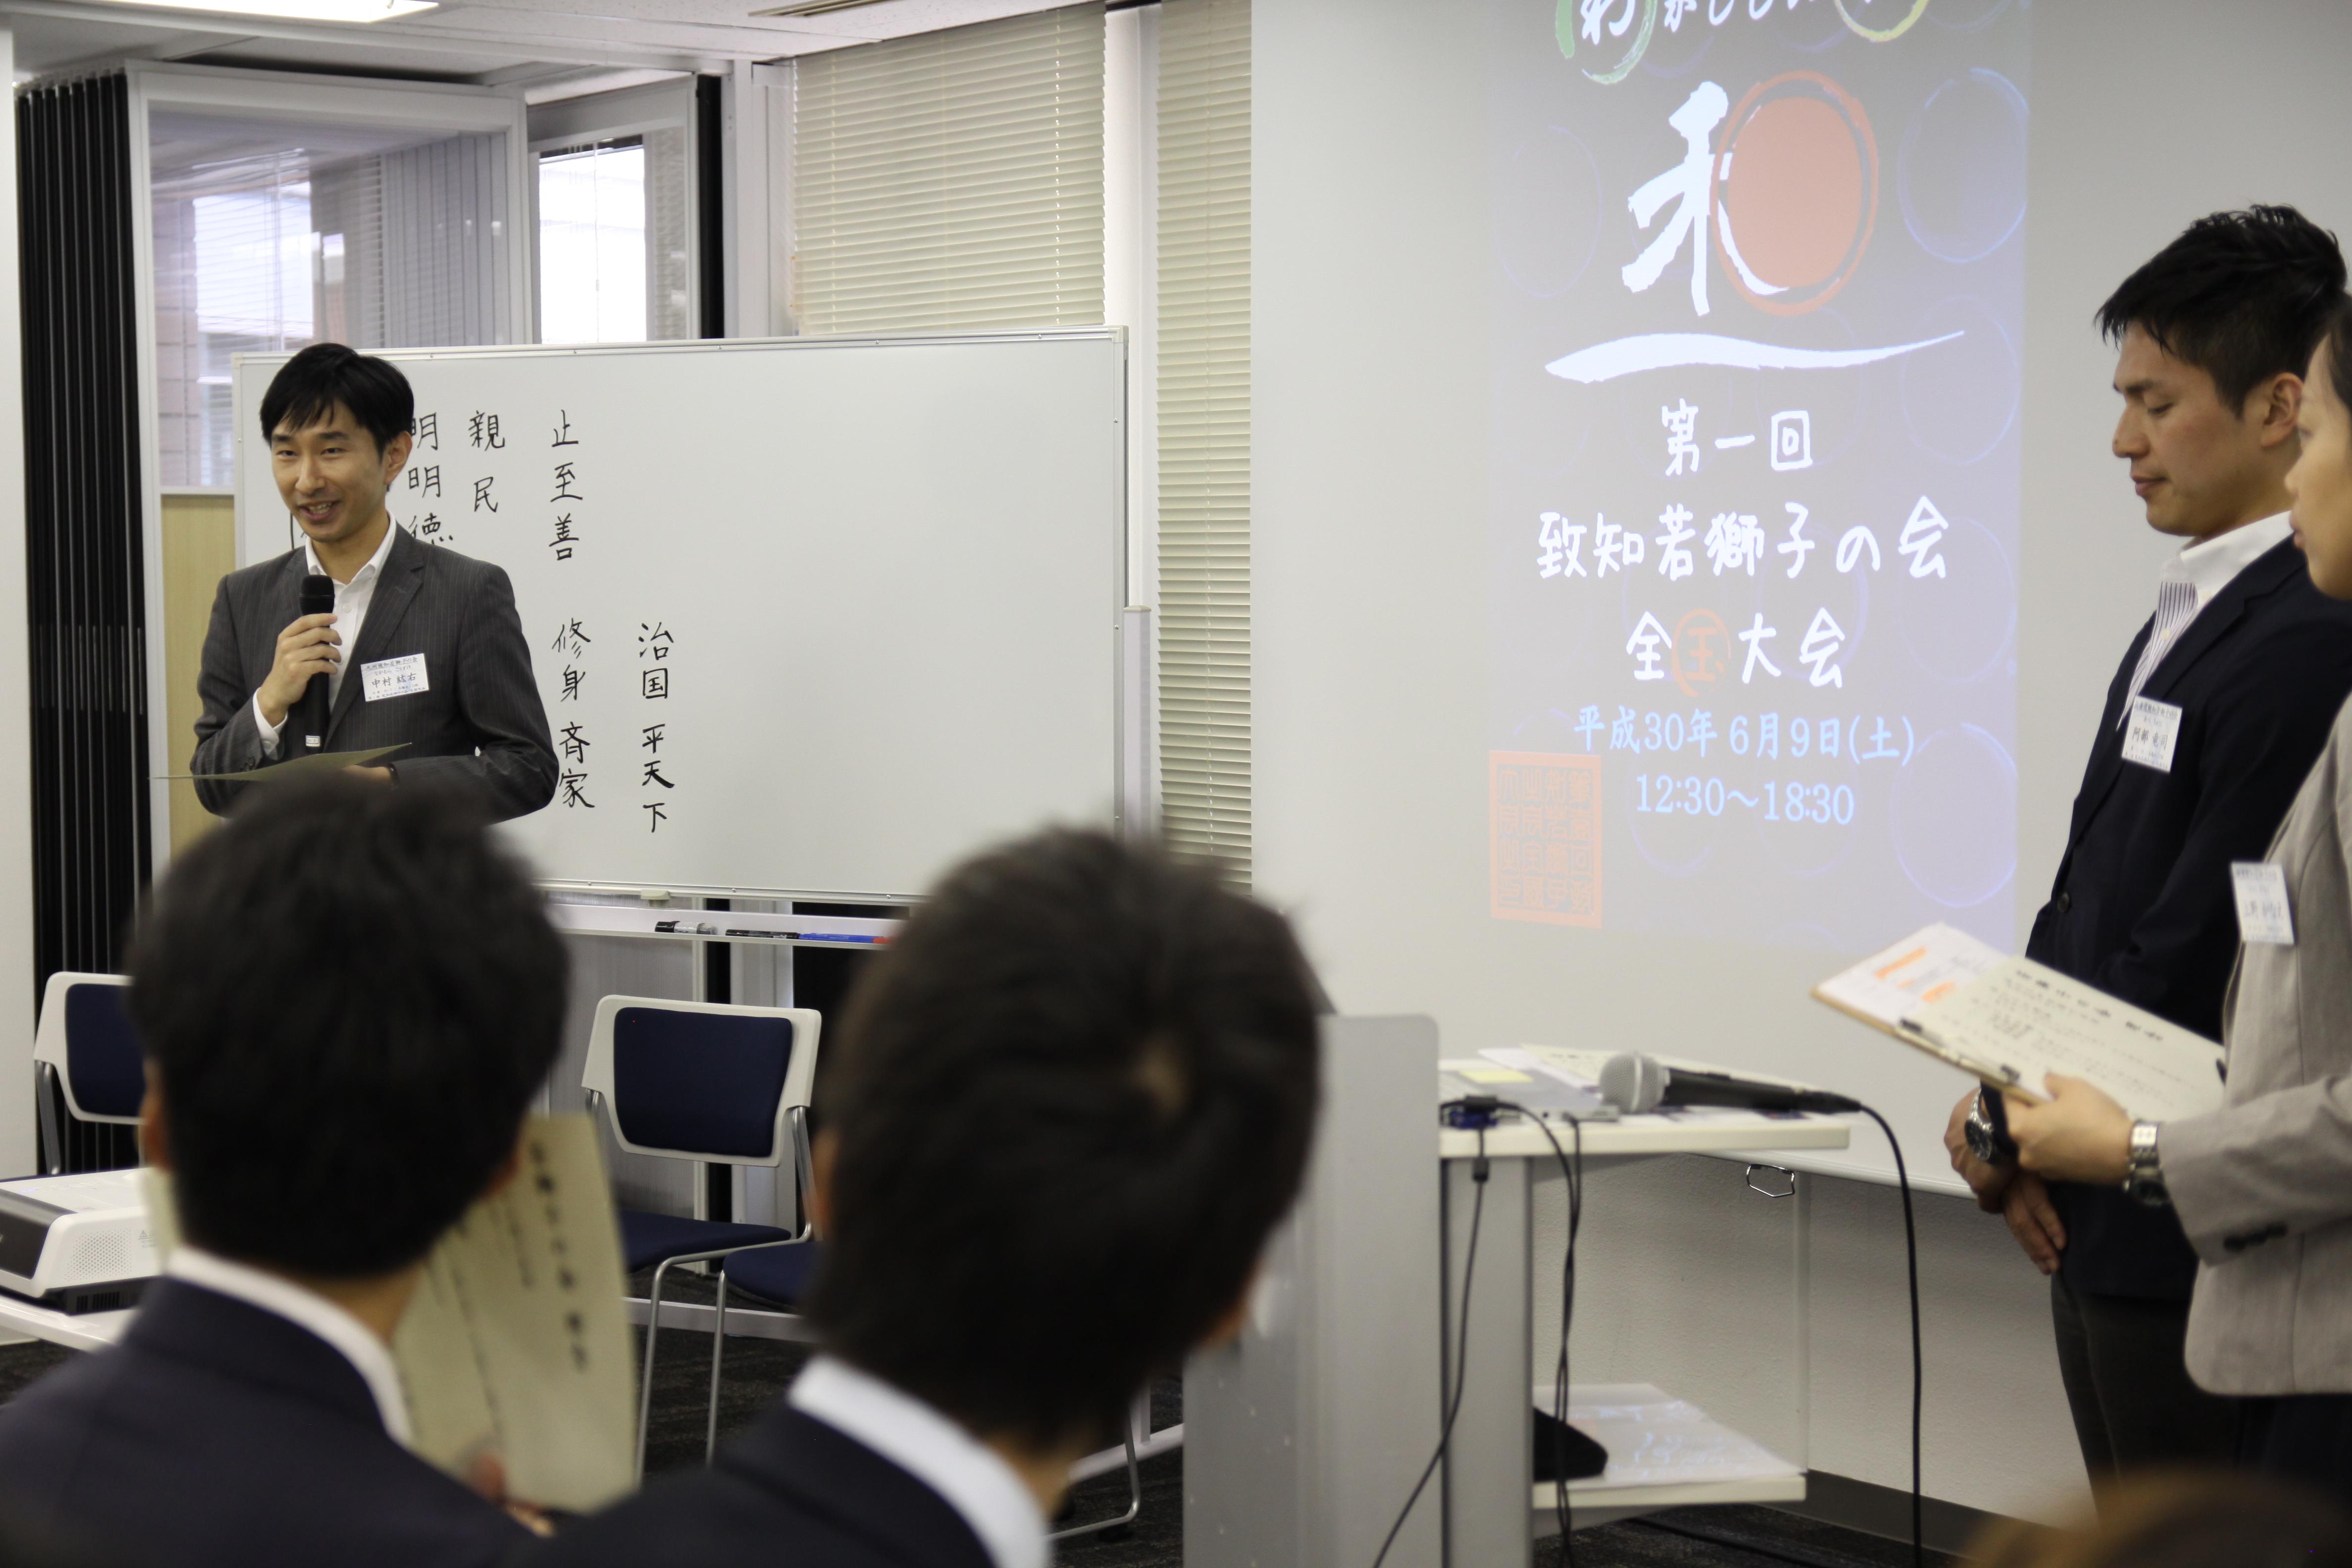 IMG 4622 - 関東若獅子の会、記念すべき第100回